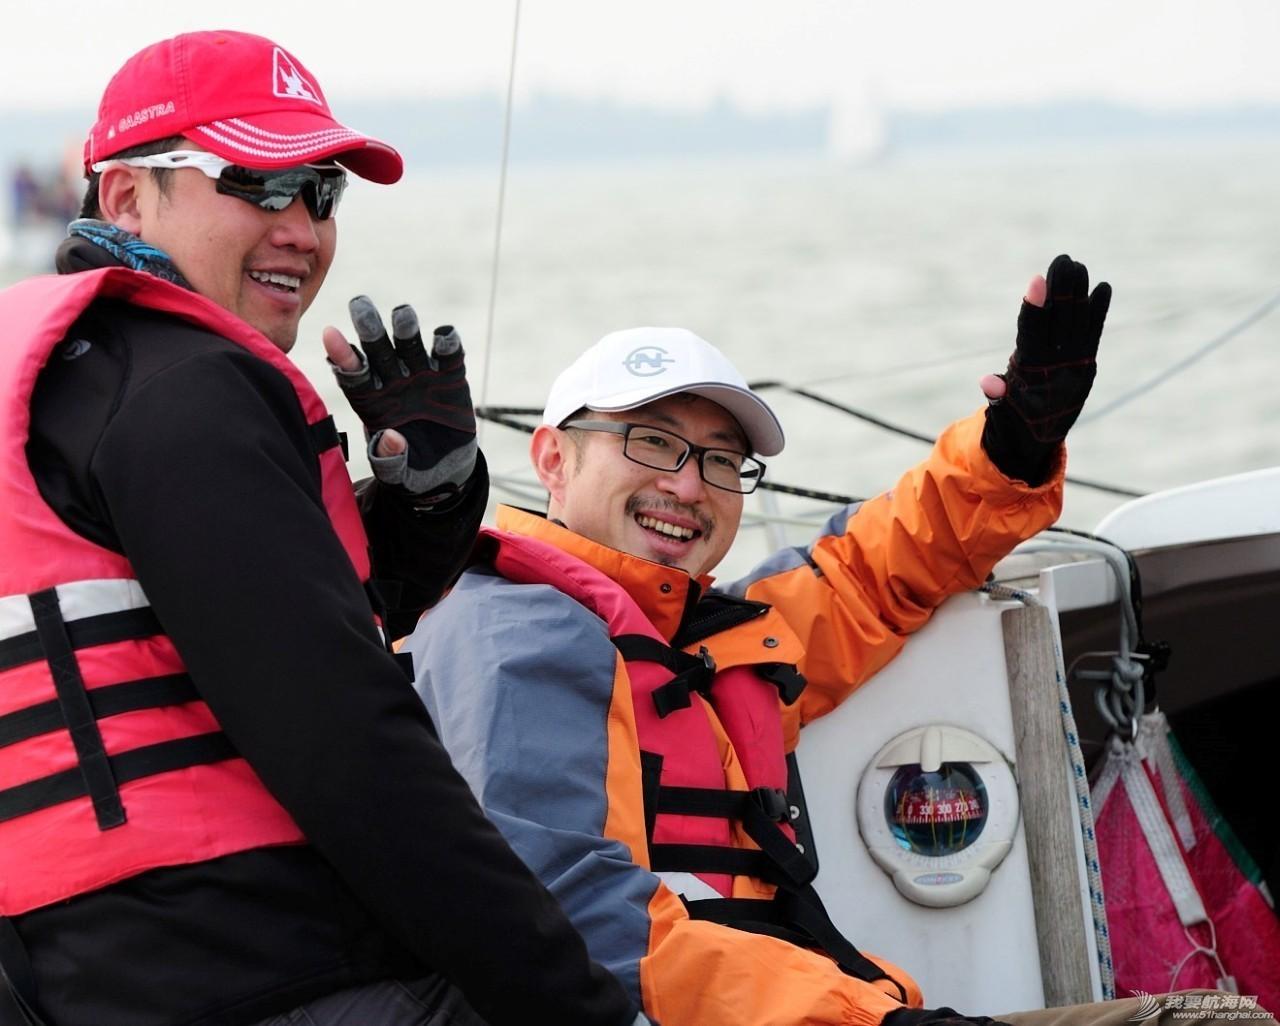 2016年上海国际游艇展慈善帆船赛点燃上海国际帆船港 fe225161267792e0e8997cdd62382d81.jpg